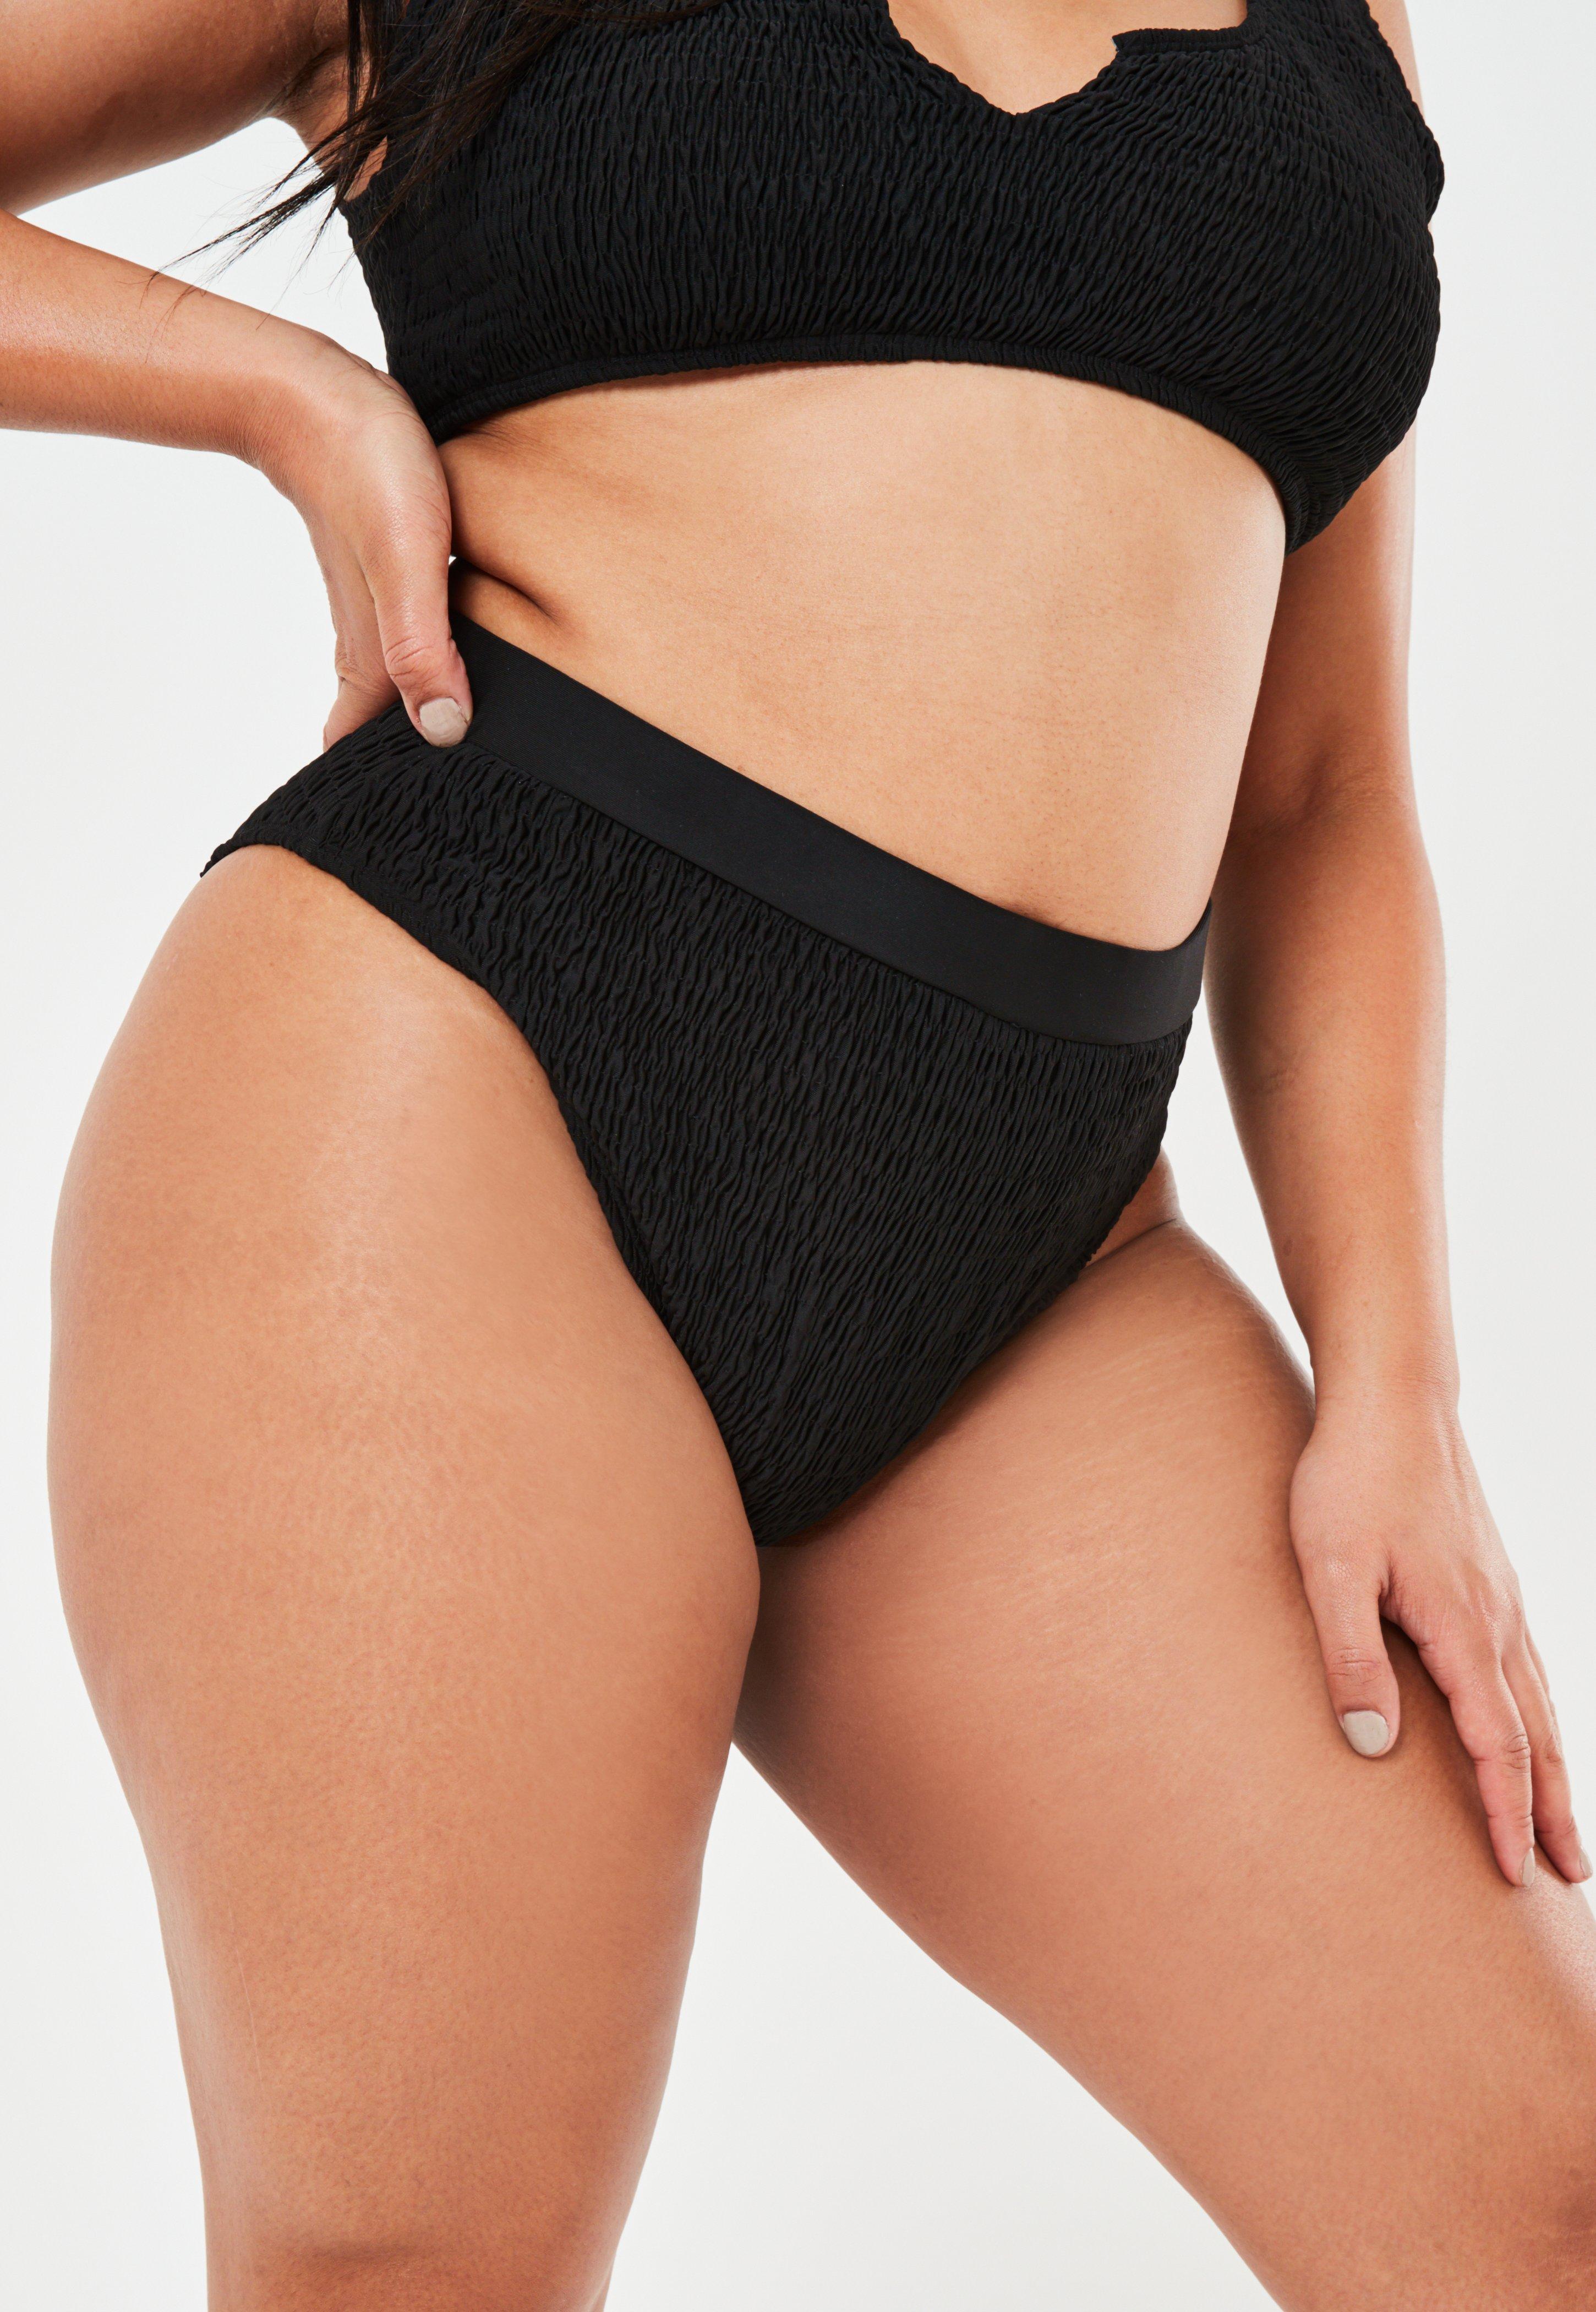 Plus Size Czarne marszczone majtki od stroju kąpielowego z wysokim stanem